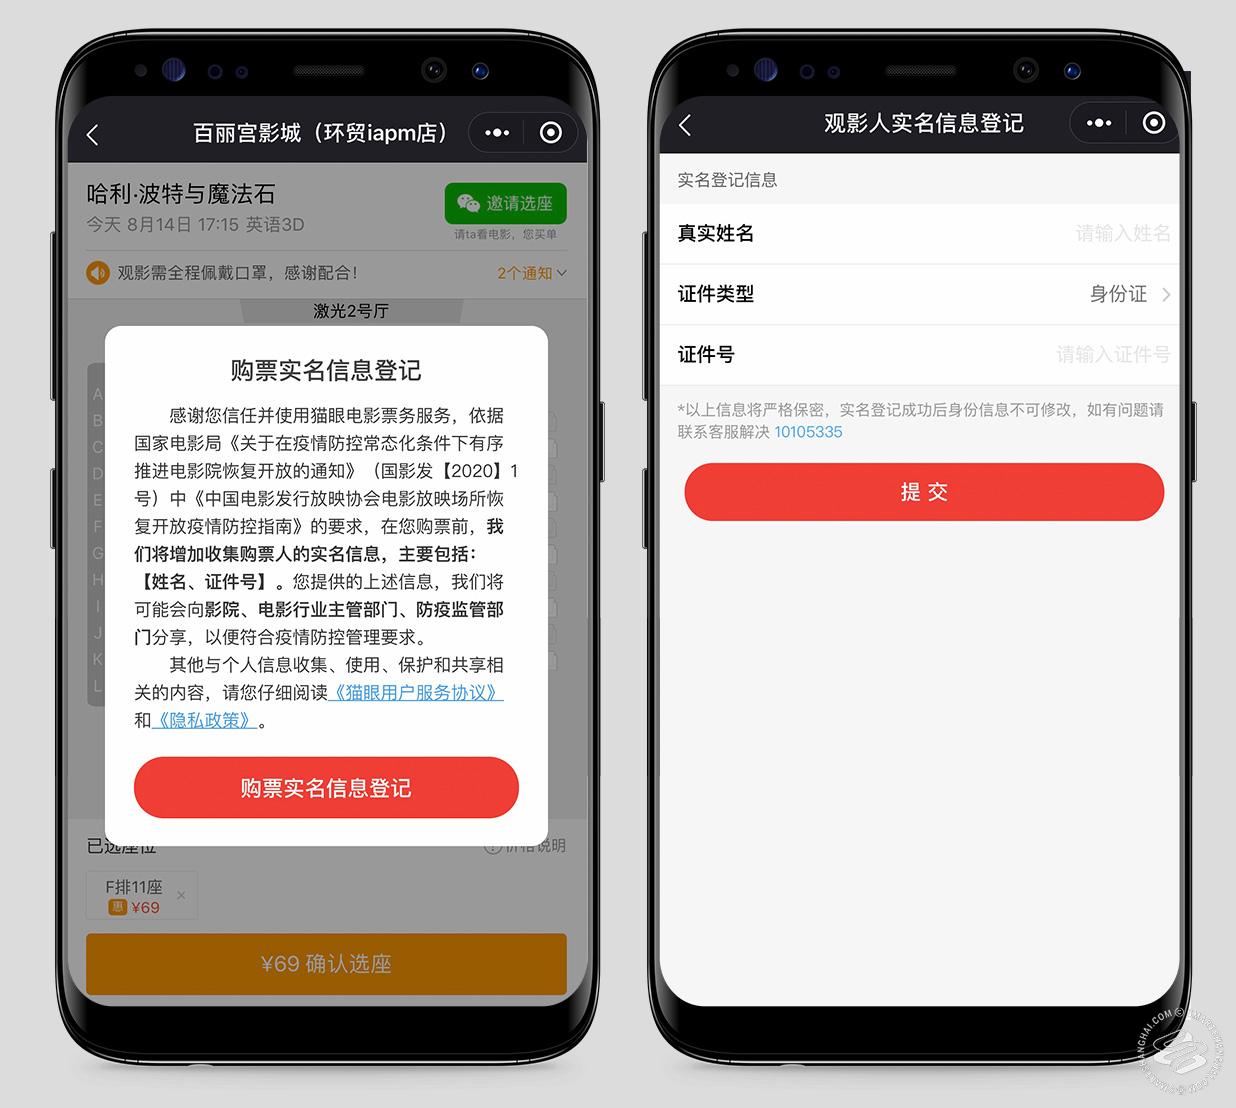 Register Details Shanghai